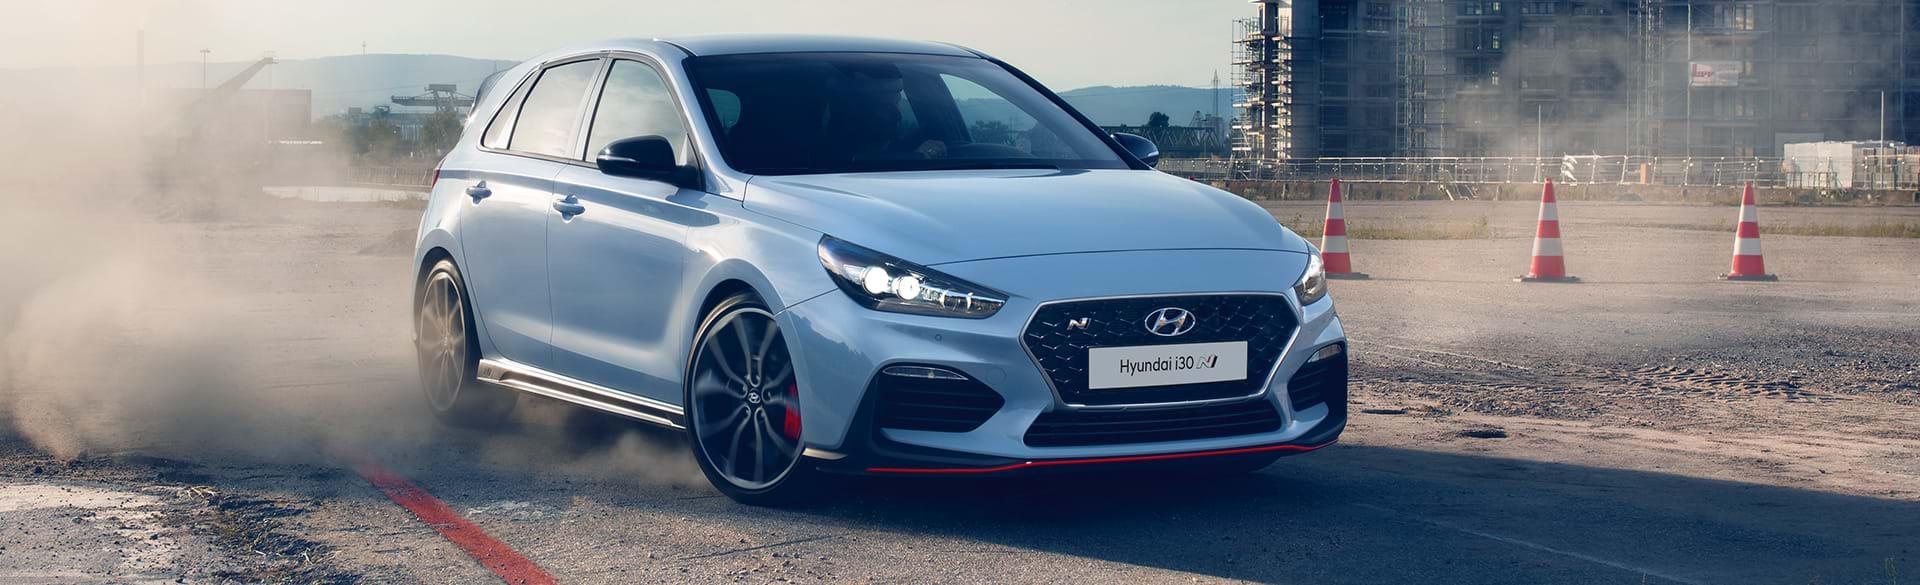 Nietypowy Okaz Ontdek de Hyundai i30 N – High-performance | Hyundai QB69